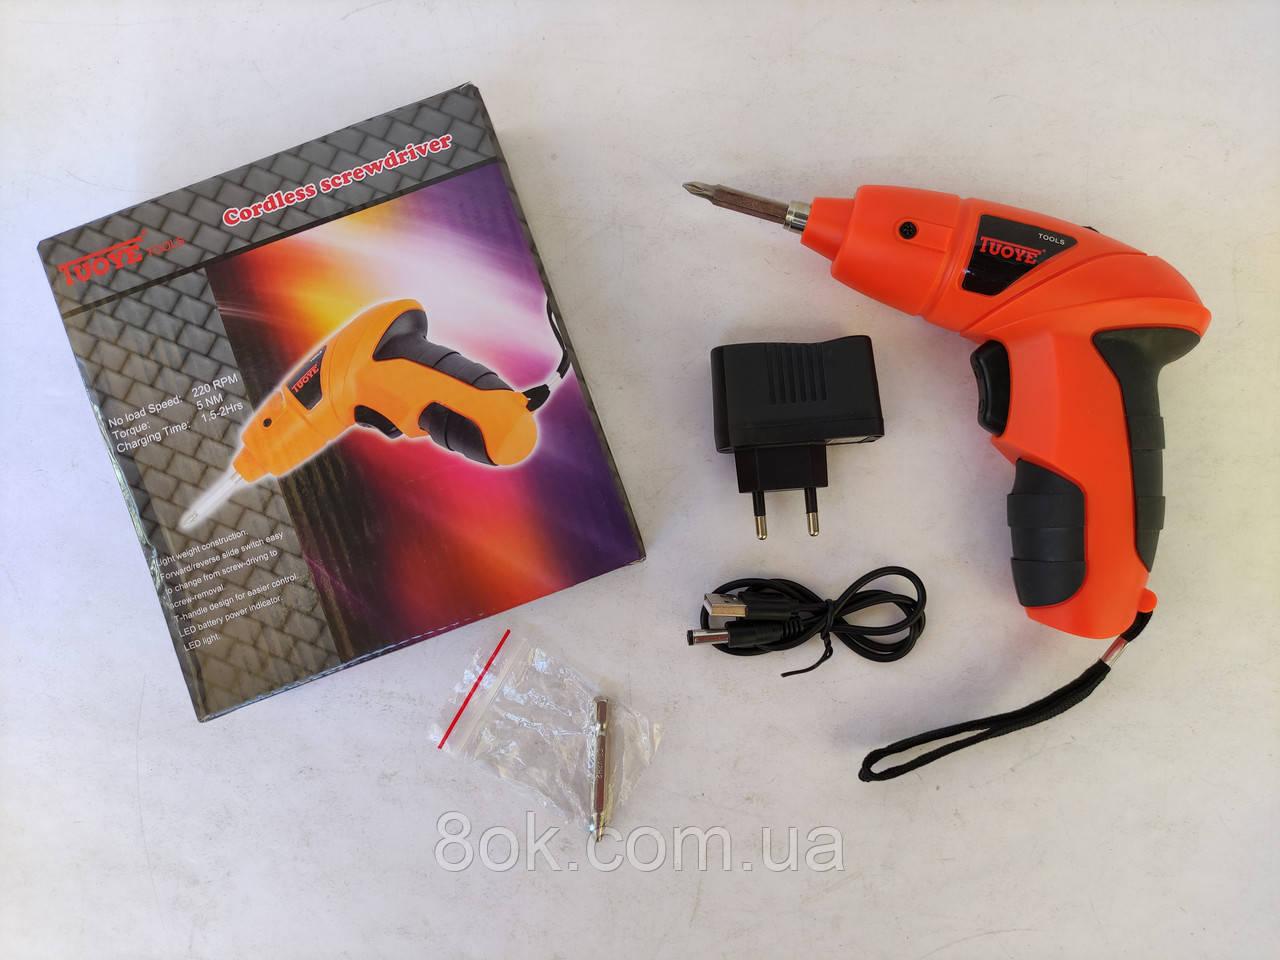 Аккумуляторная электроотвертка мини шуруповерт с 2 битами Tuoye Tools 7163